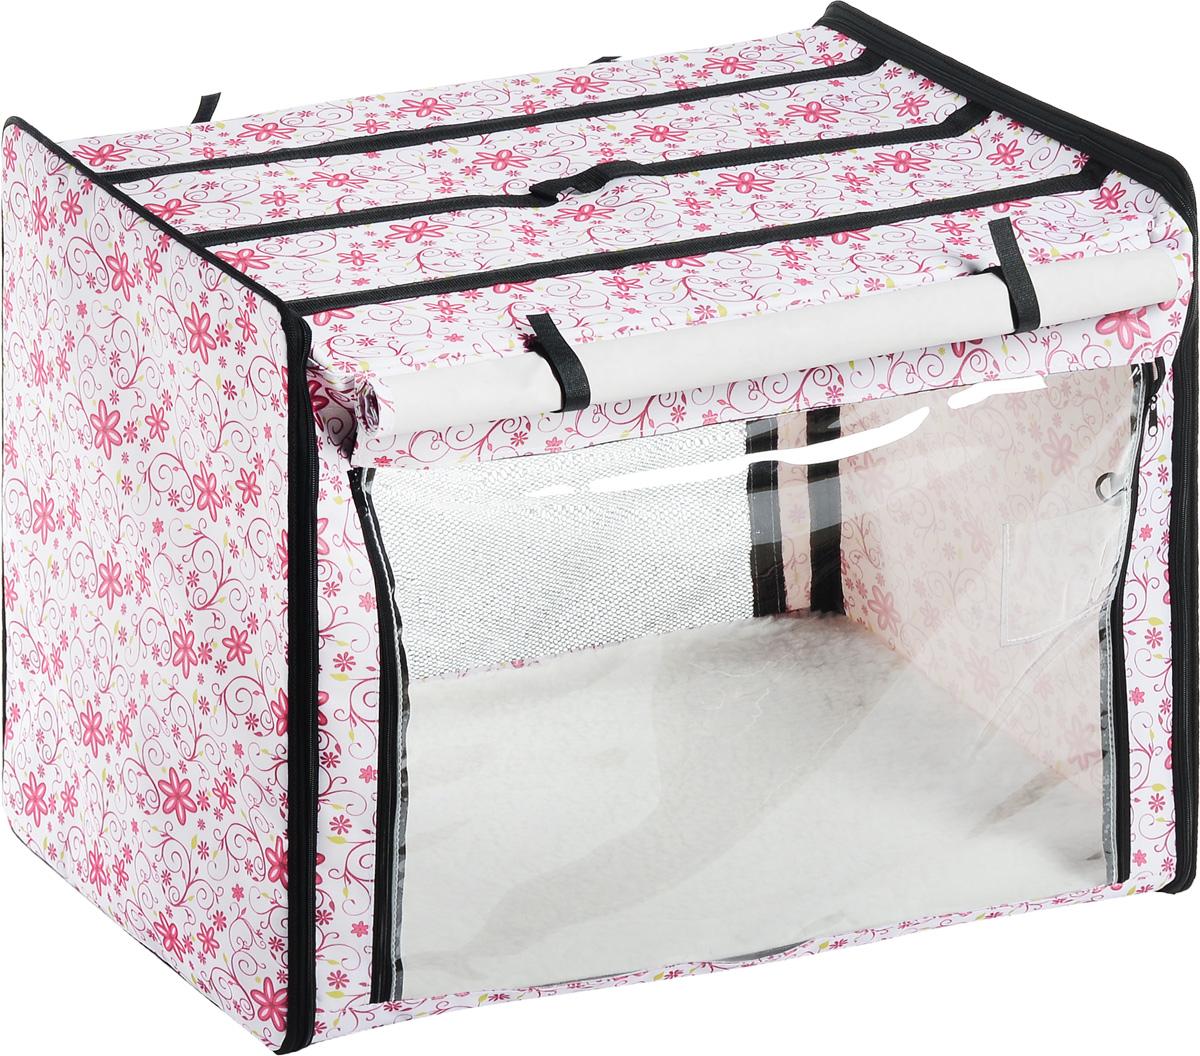 Клетка выставочная Elite Valley, цвет: белый, розовый, зеленый, 75 х 52 х 62 см0120710Клетка Elite Valley предназначена для показа кошек и собак на выставках. Она выполнена из плотного текстиля, каркас - металлический. Клетка оснащена съемными пленкой и сеткой. Внутри имеется мягкая подстилка, выполненная из искусственного меха. Прозрачную пленку можно прикрыть шторкой. Сверху расположена ручка для переноски.В комплекте сумка-чехол для удобной транспортировки.